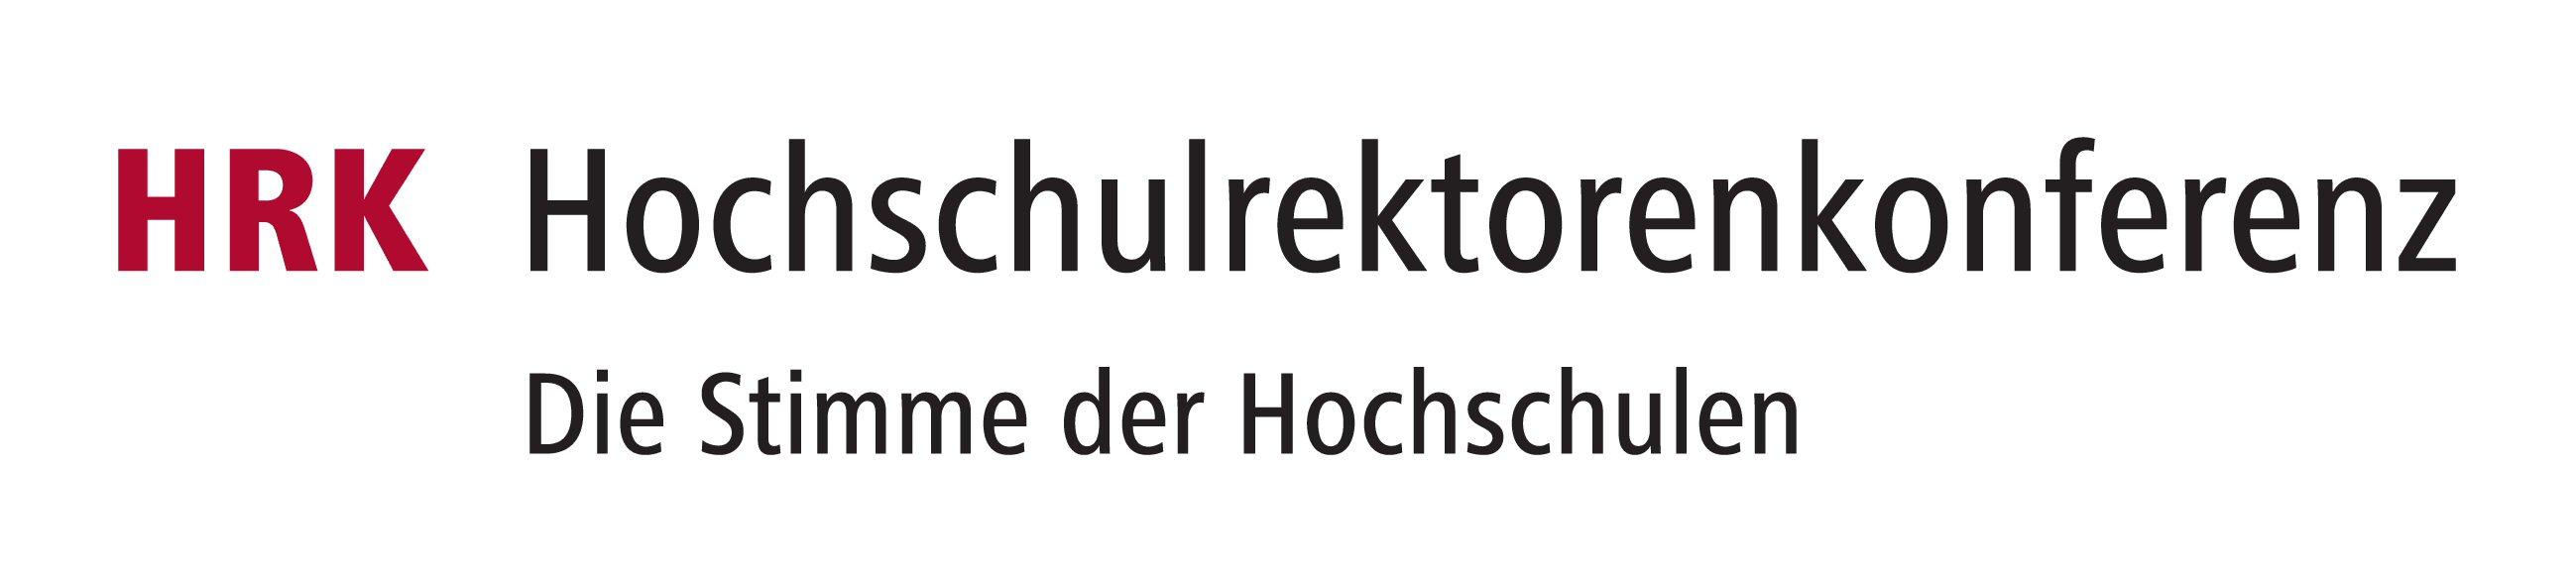 Logo Hochschulrektorenkonferenz (HRK)